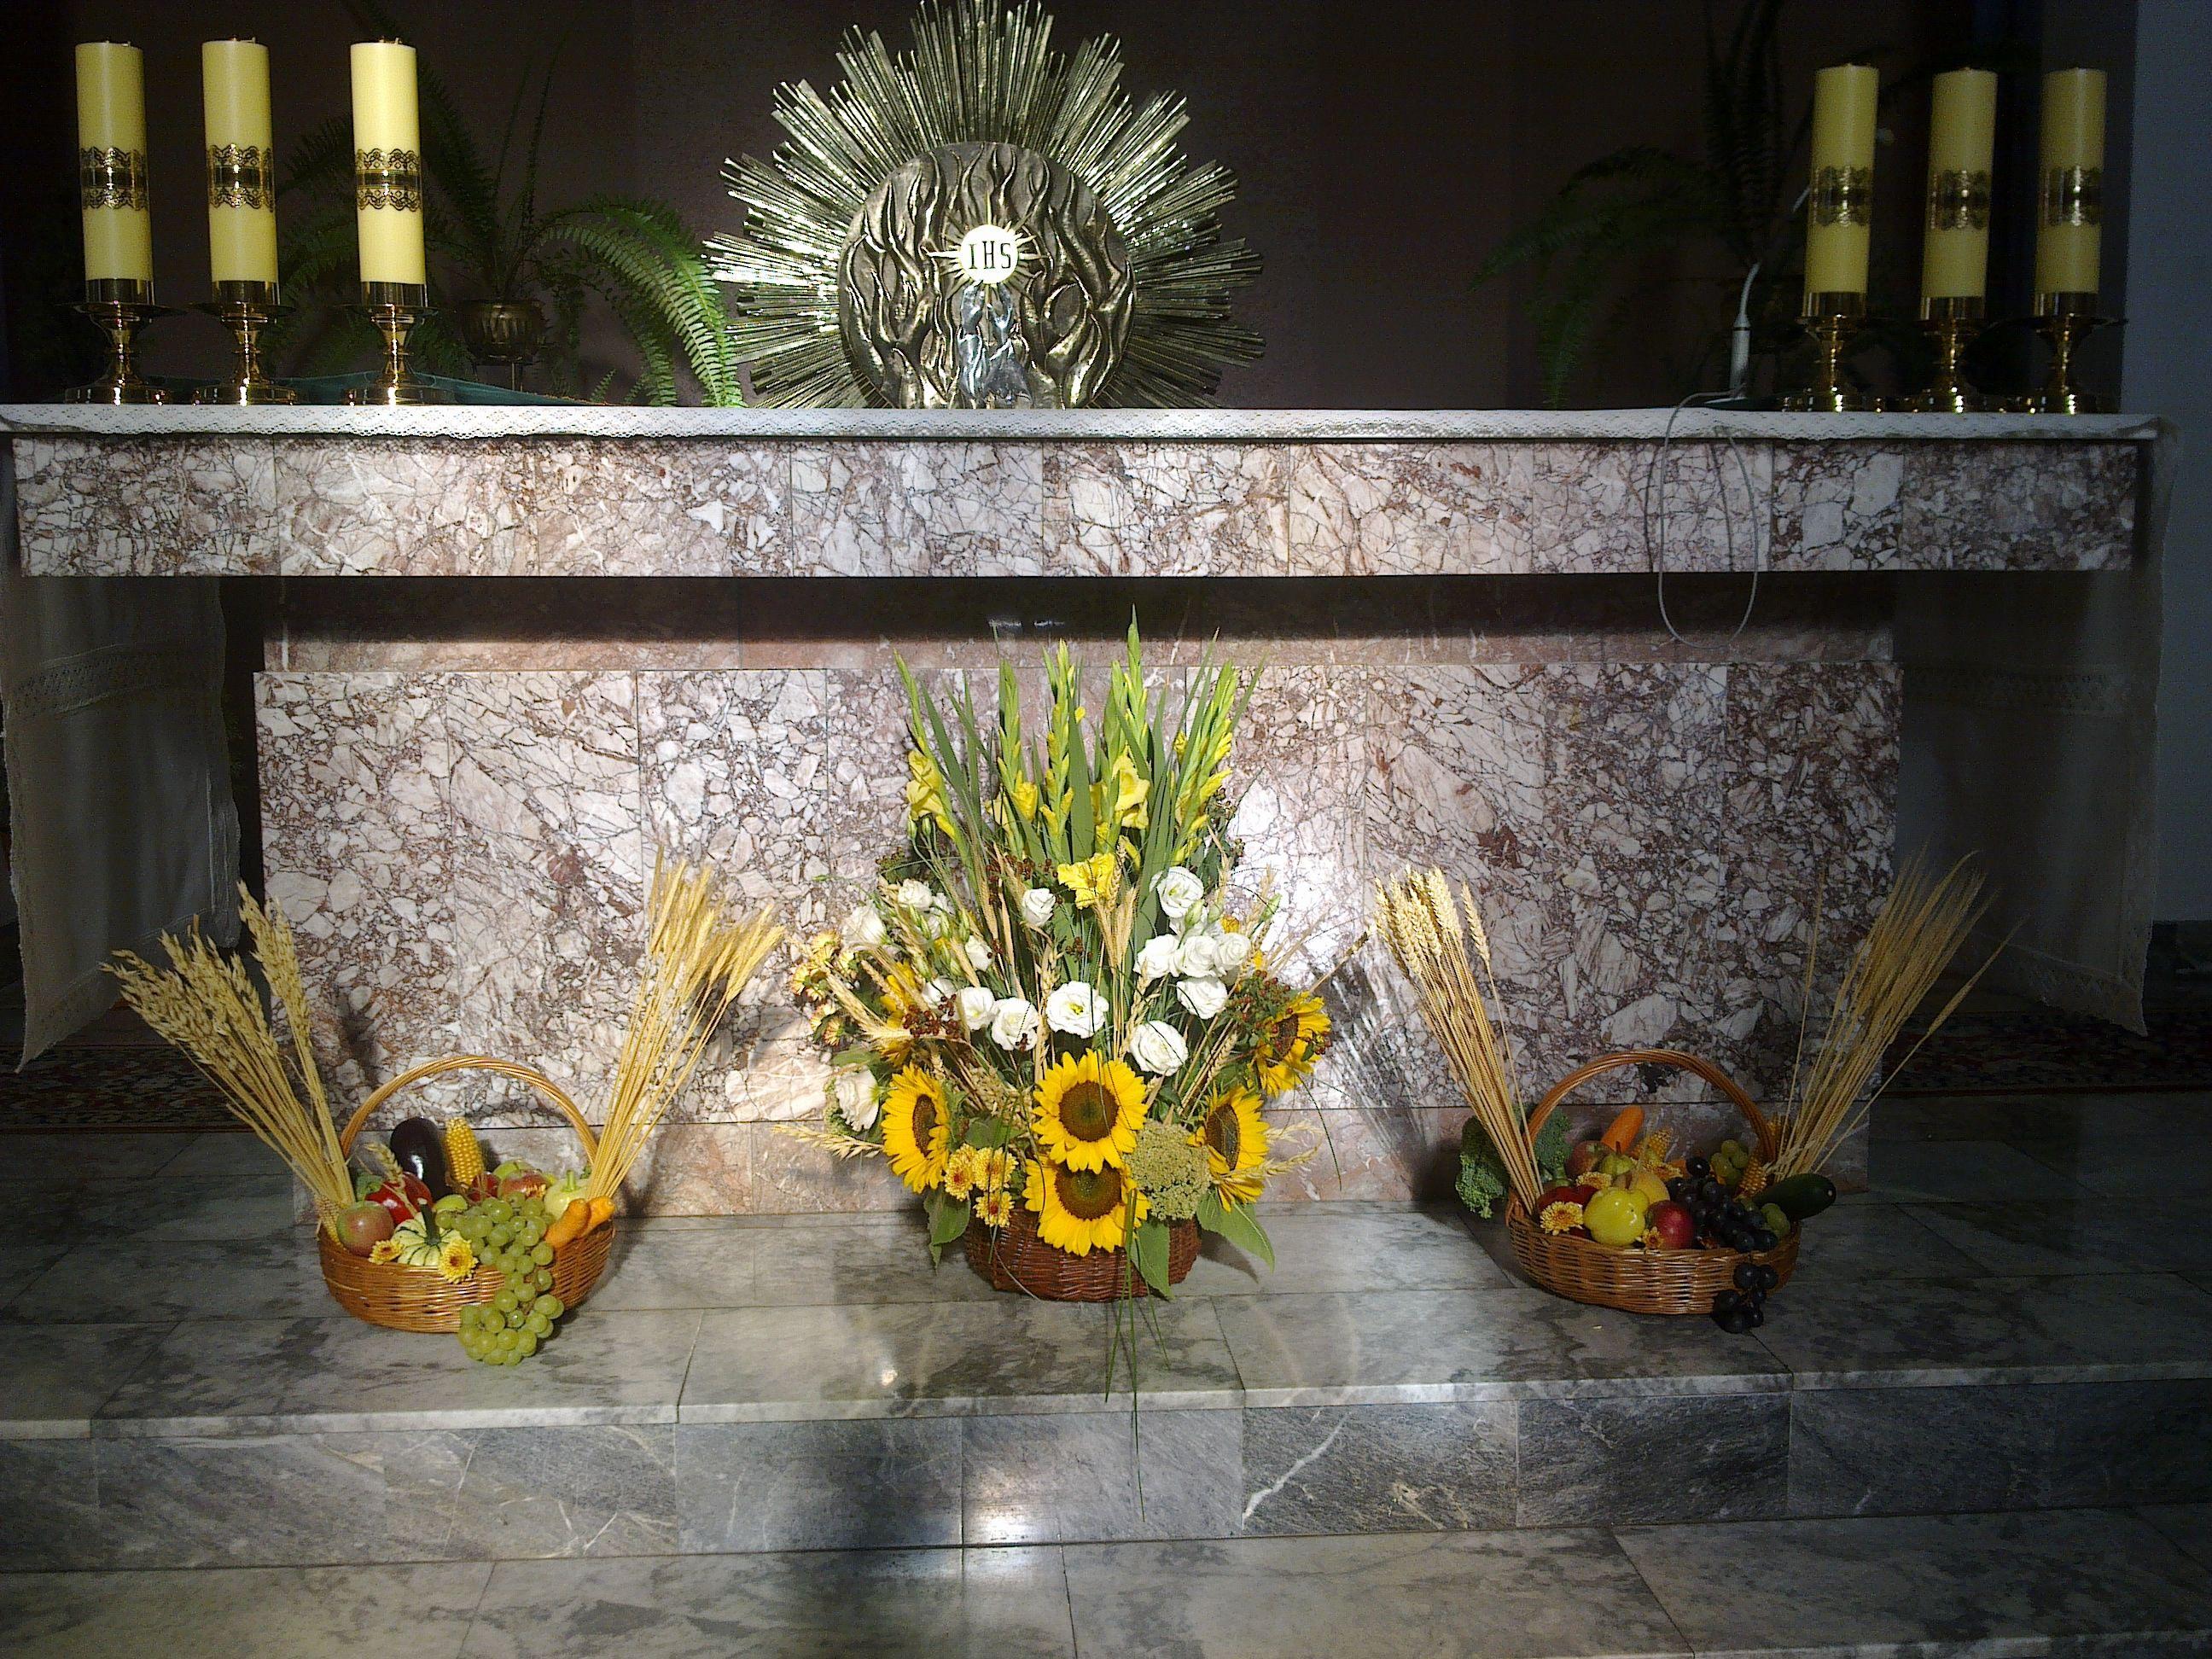 Dozynki Dekoracja Oltarza Sloneczniki Gladiole Eustoma Klosy Owoce I Warzywa Altar Arrangement Floral Arrangements Fall Decor